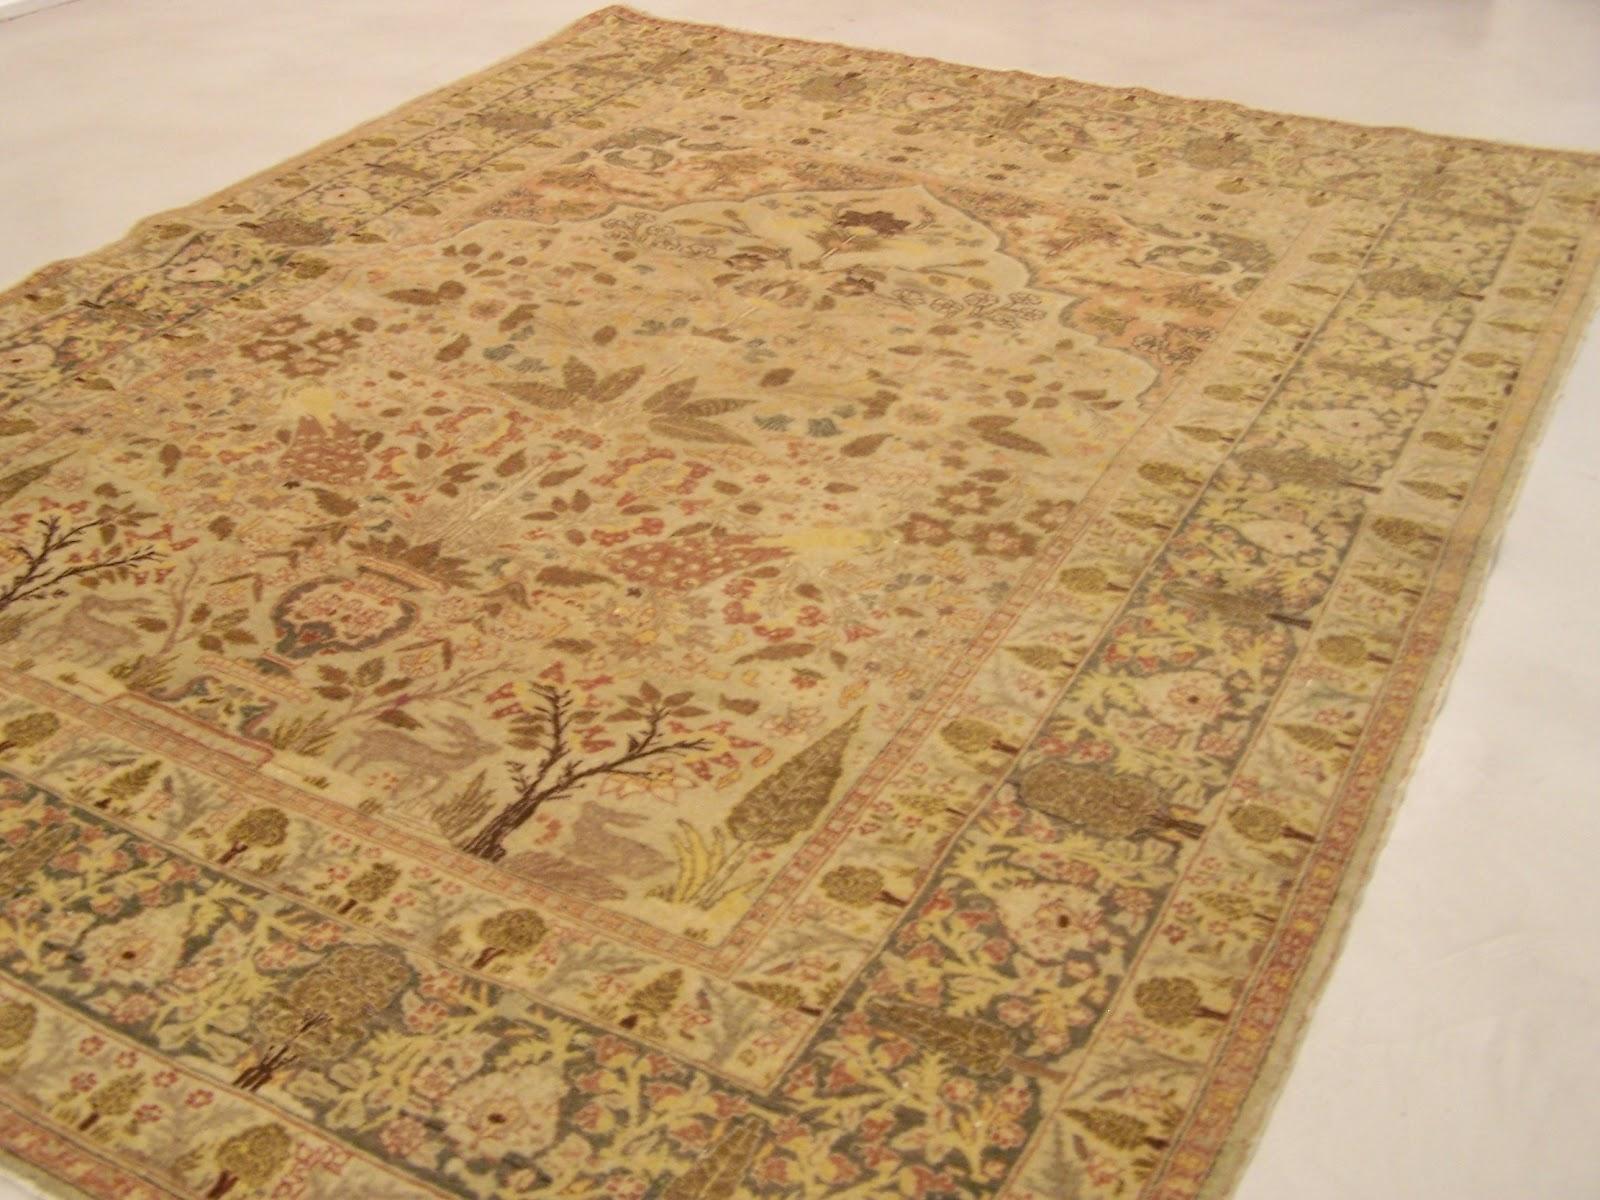 Aubusson alfombras y tapices for Diferentes tipos de alfombras